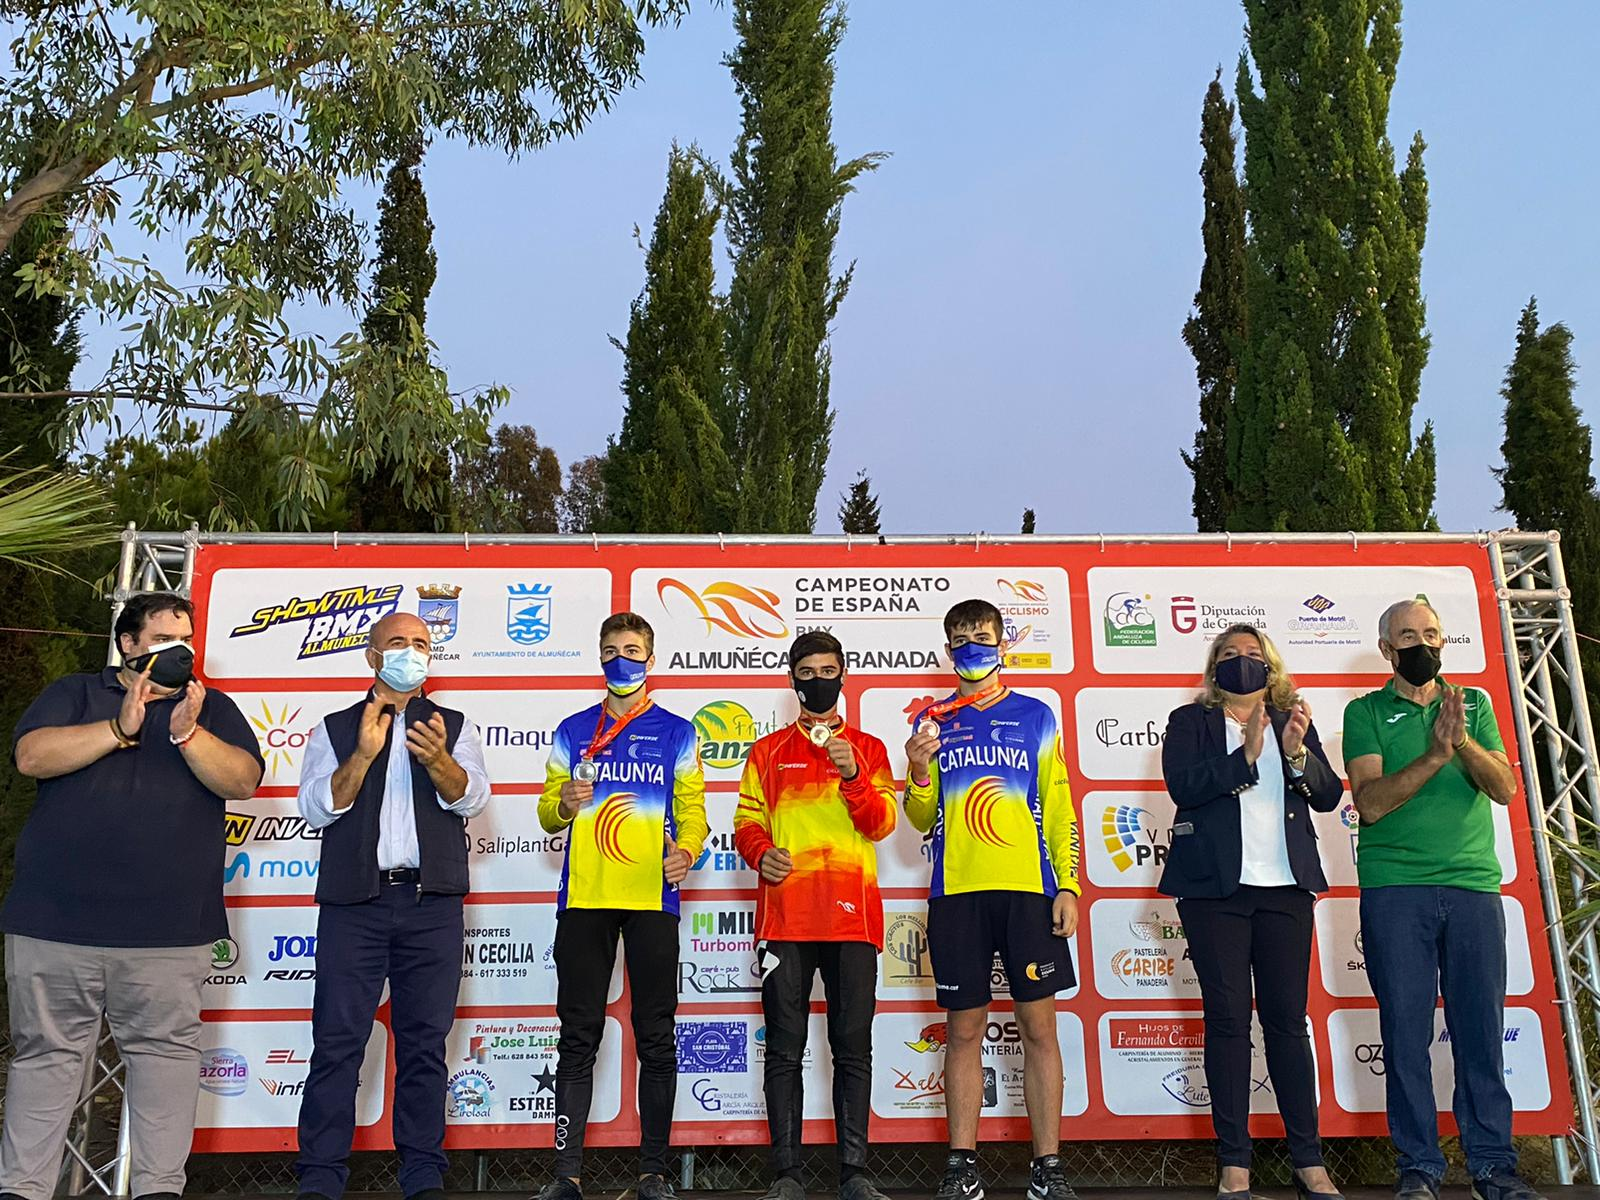 Campeonato de España de BMX Racing 2020 - Almuñécar